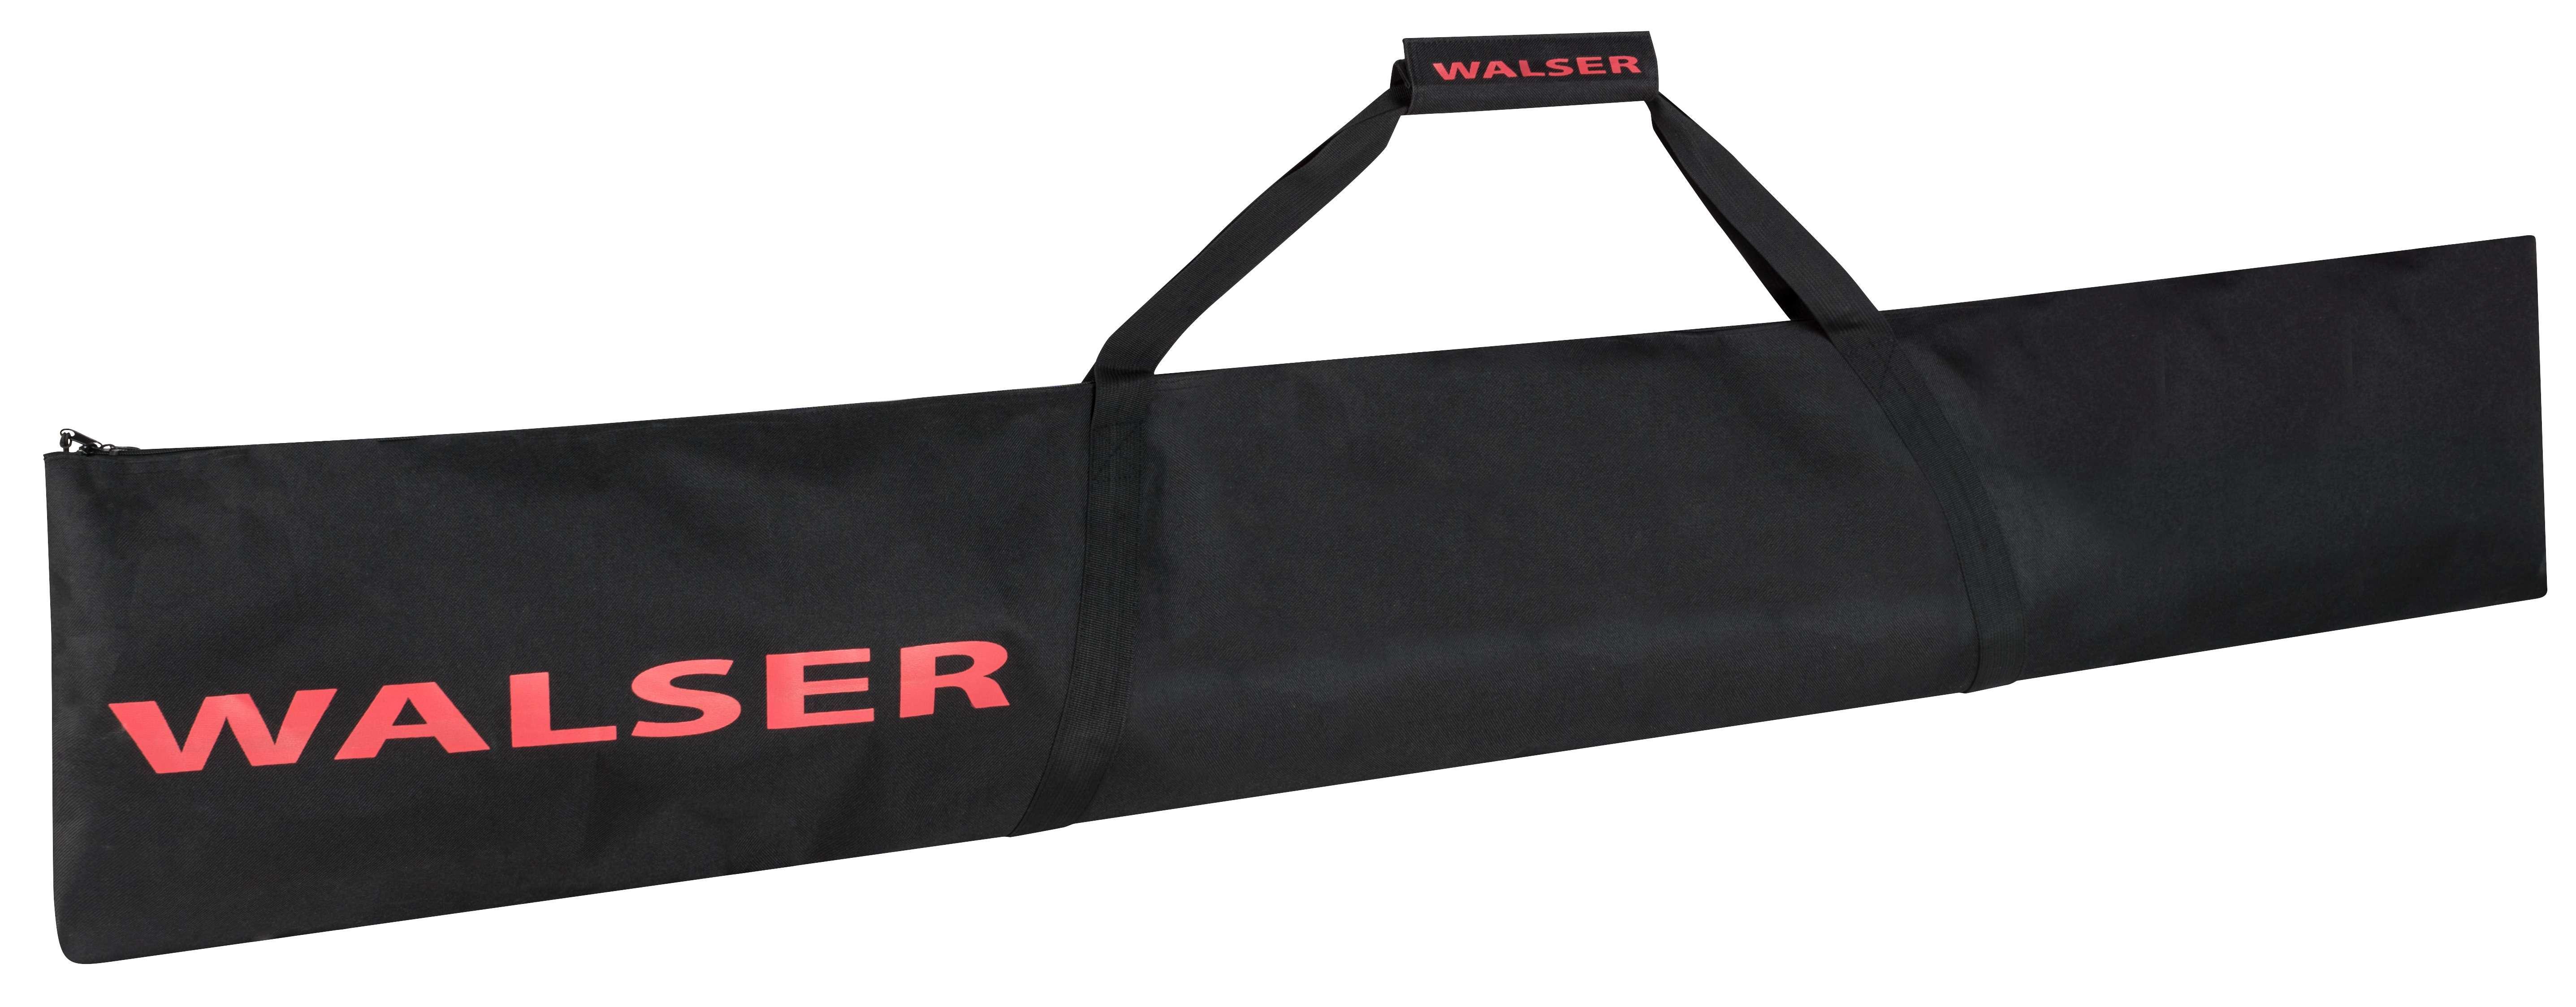 Ski bag 30552 WALSER 30552 original quality